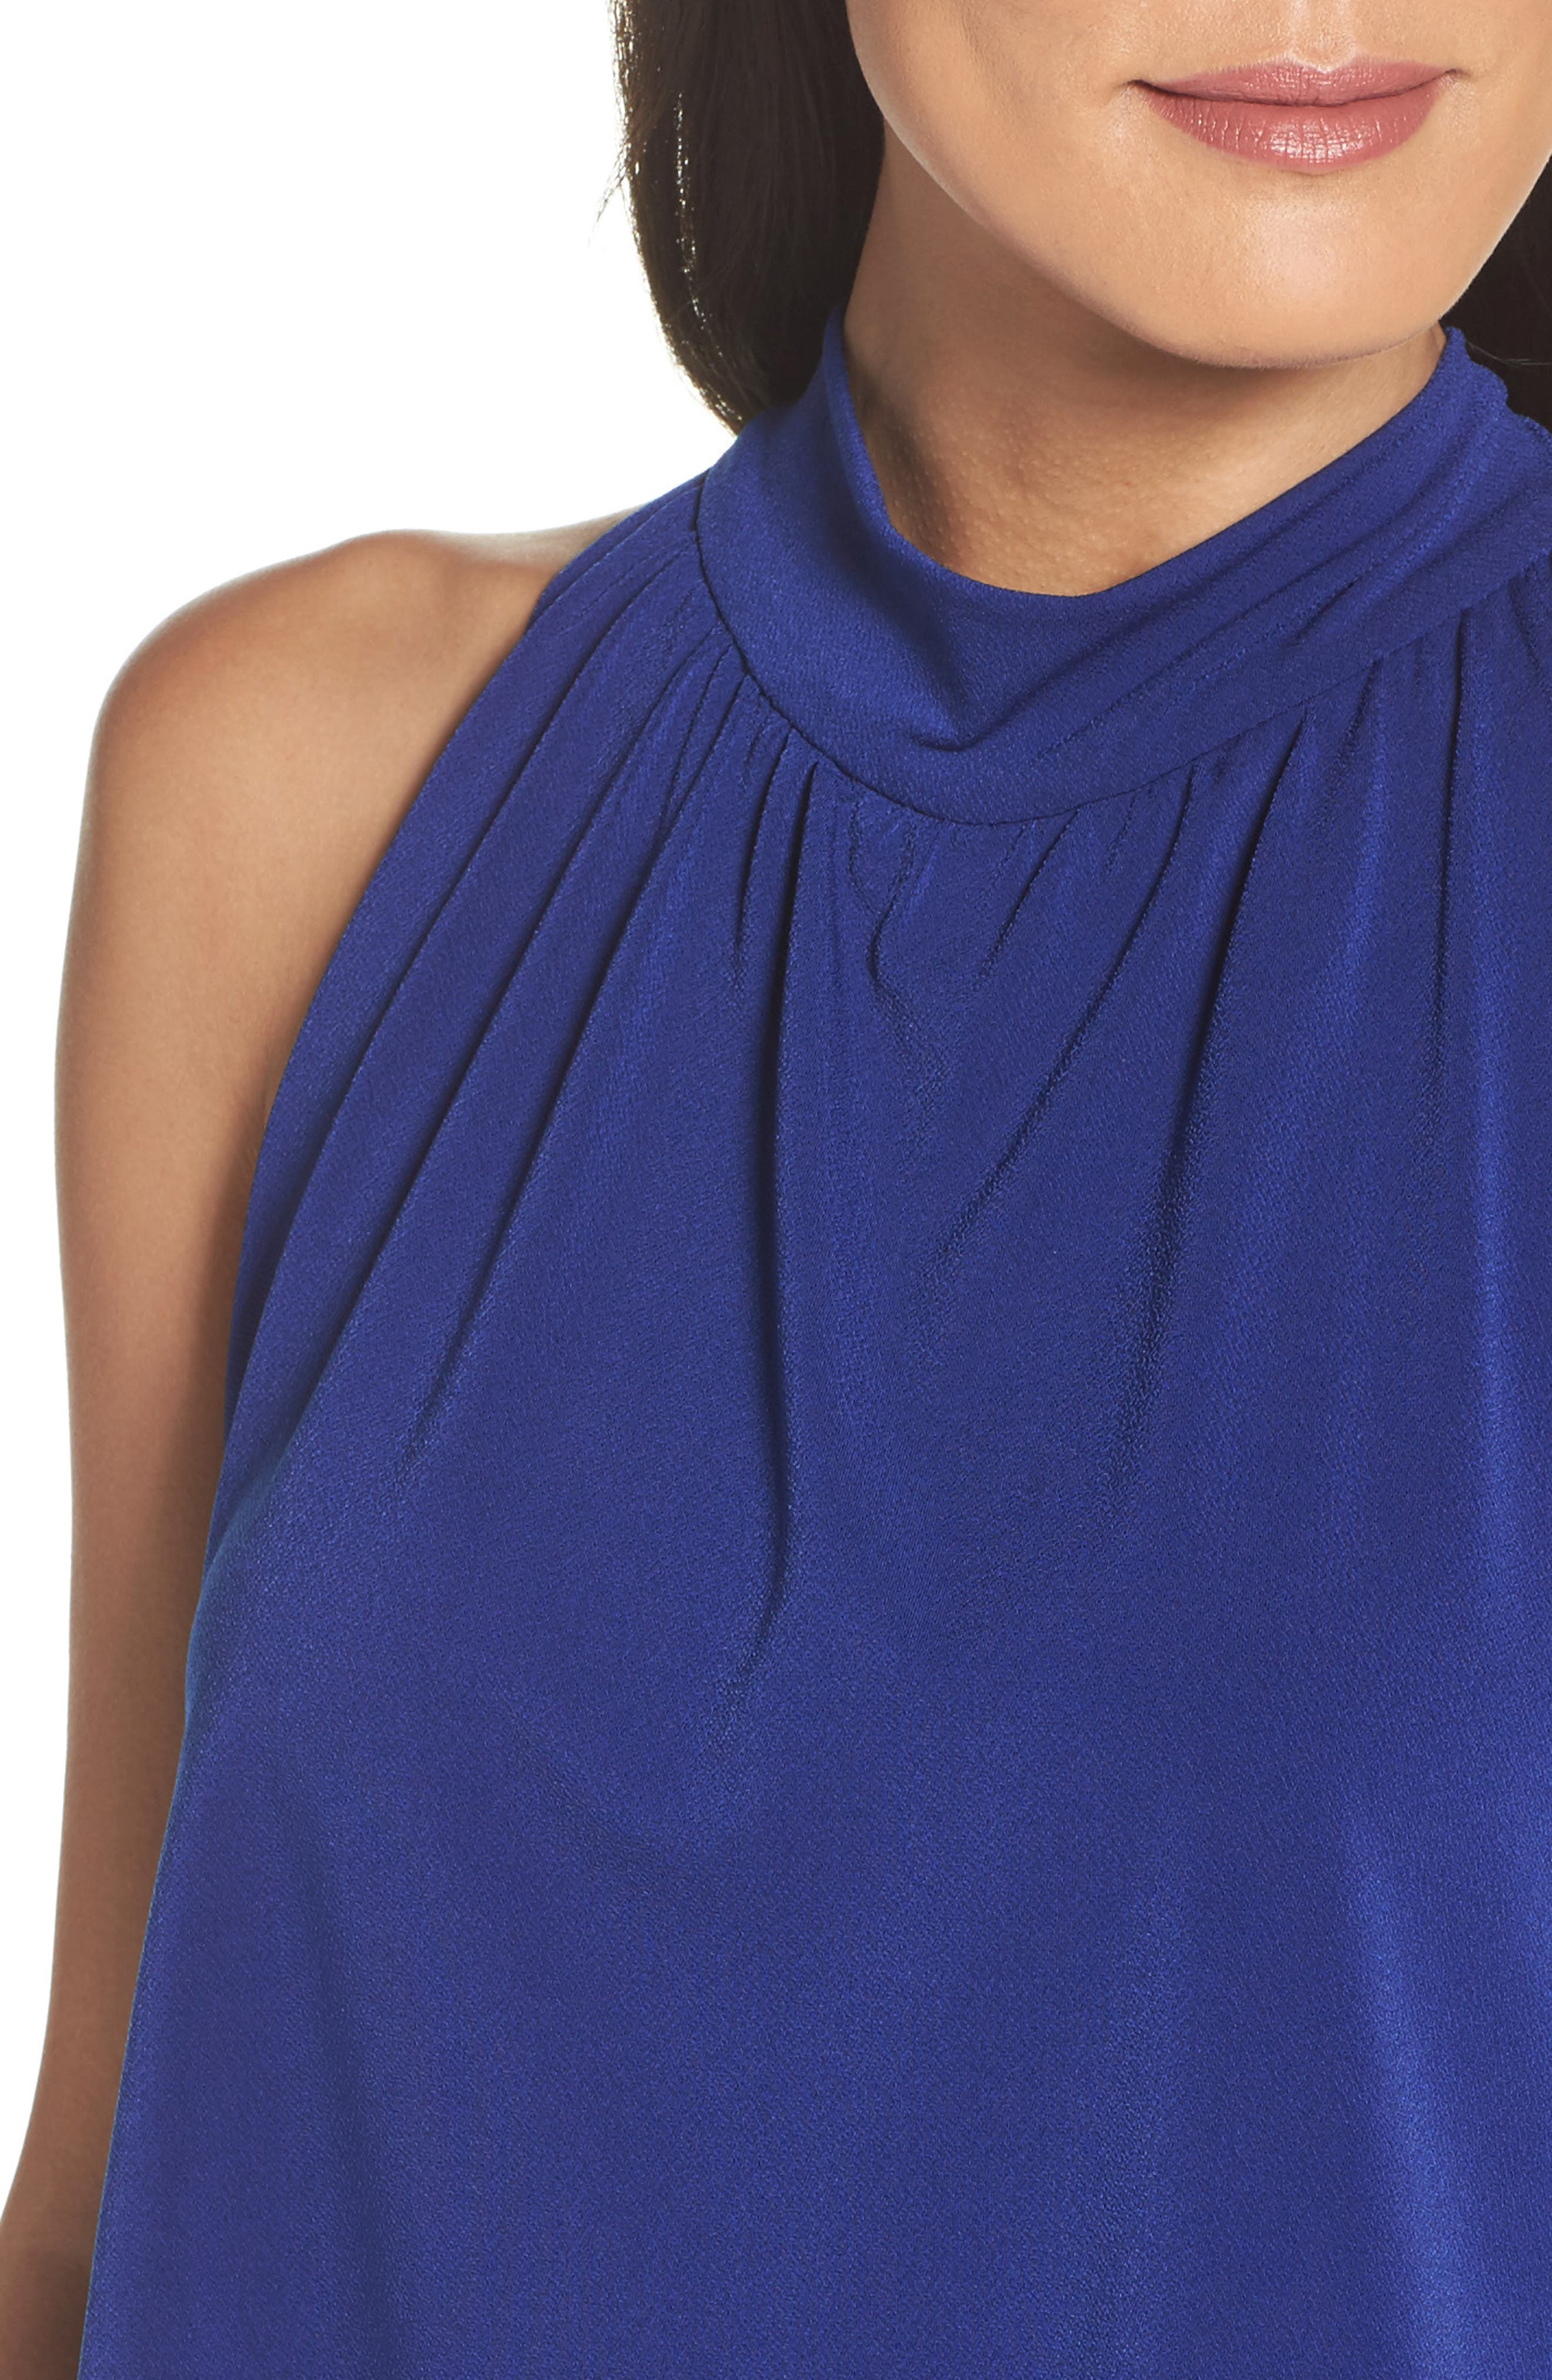 'Syler' Popover Jersey Maxi Dress,                             Alternate thumbnail 4, color,                             415